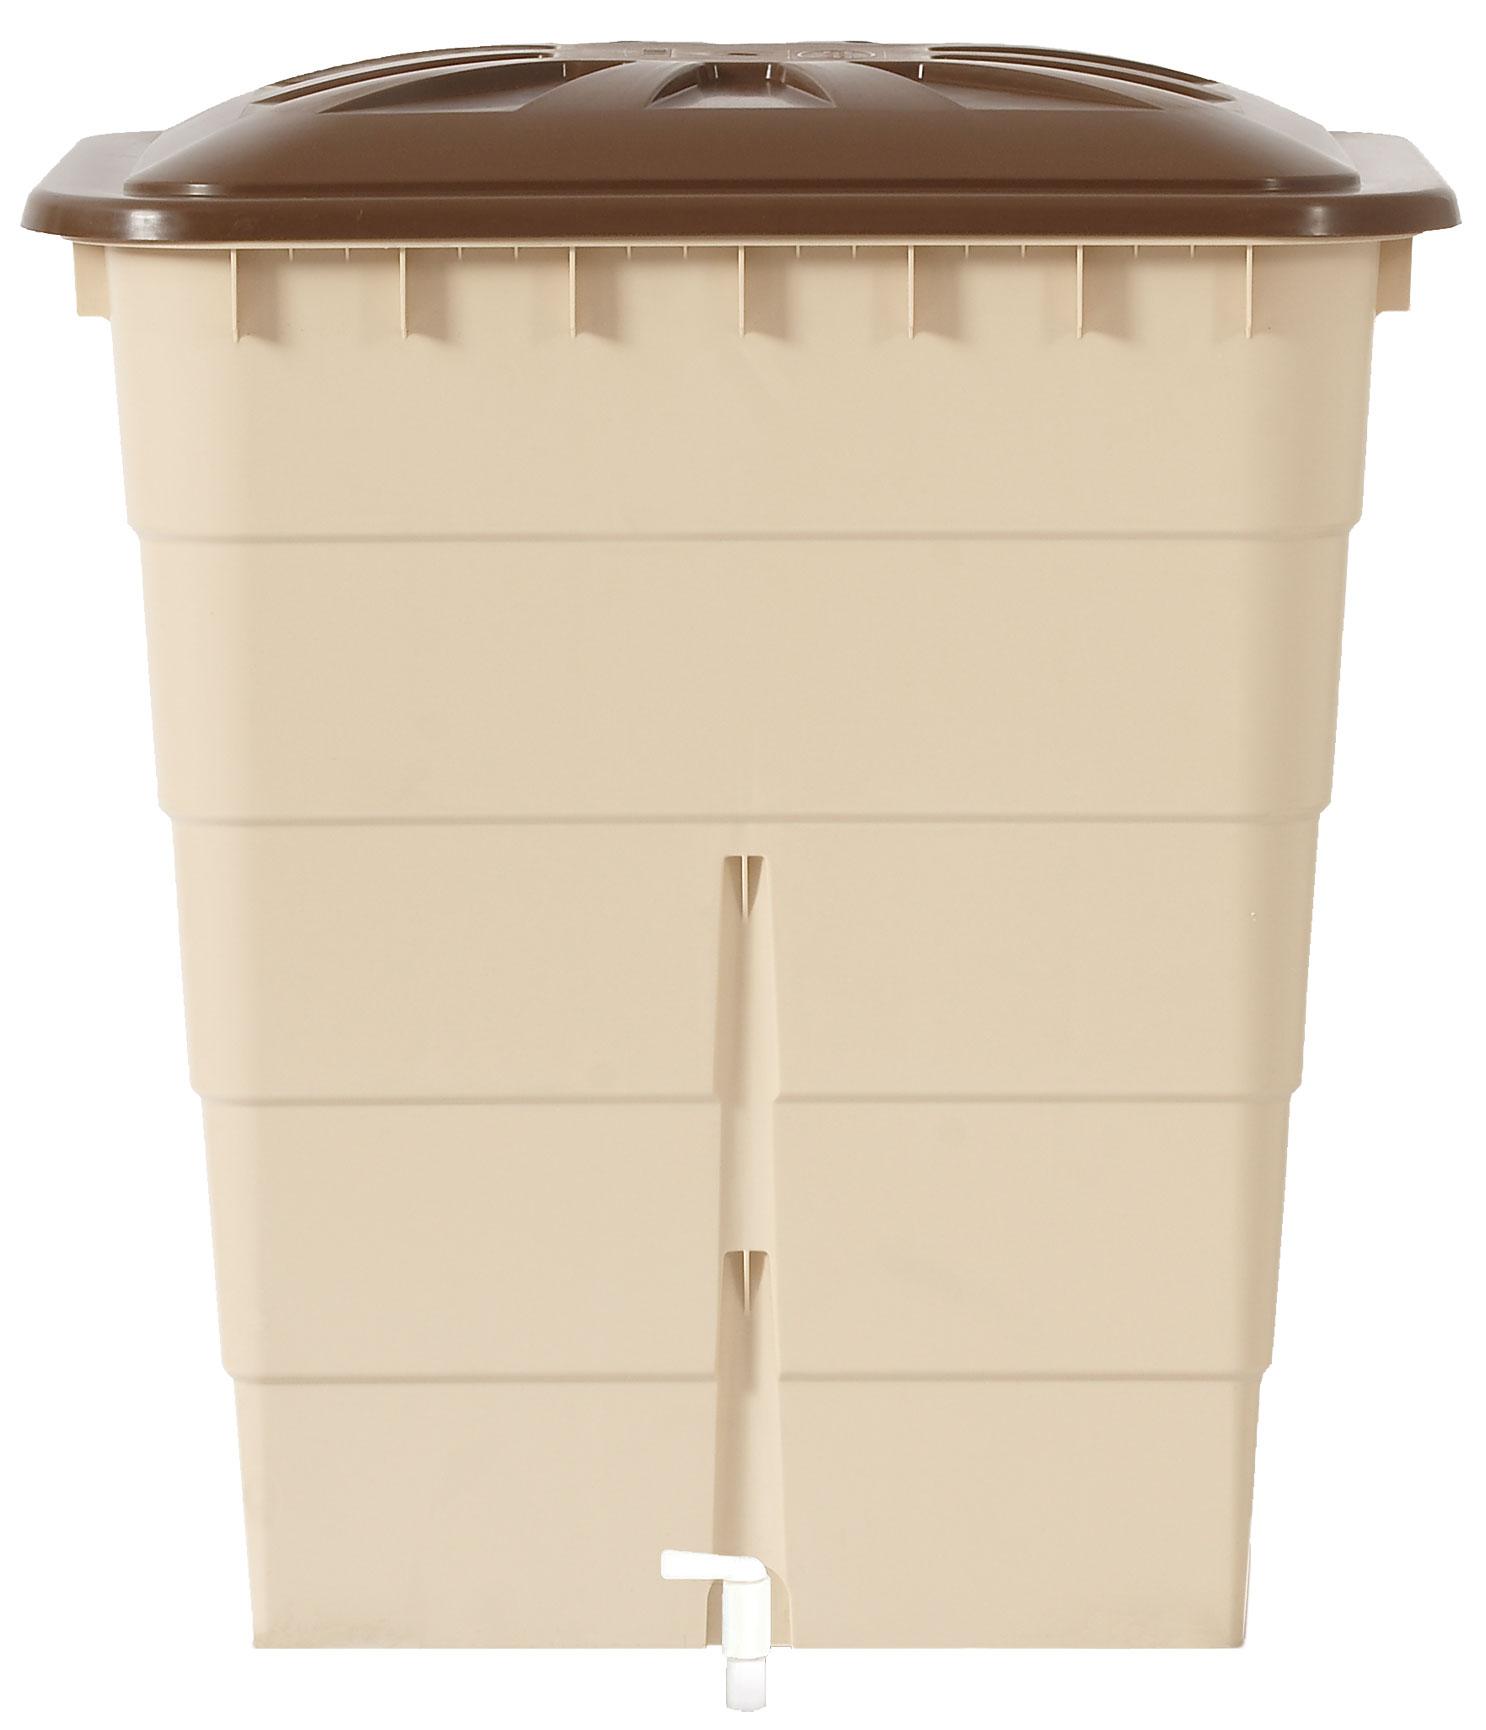 regentonne sahara 300 liter sandbeige eckig garantia 501209 graf bei. Black Bedroom Furniture Sets. Home Design Ideas